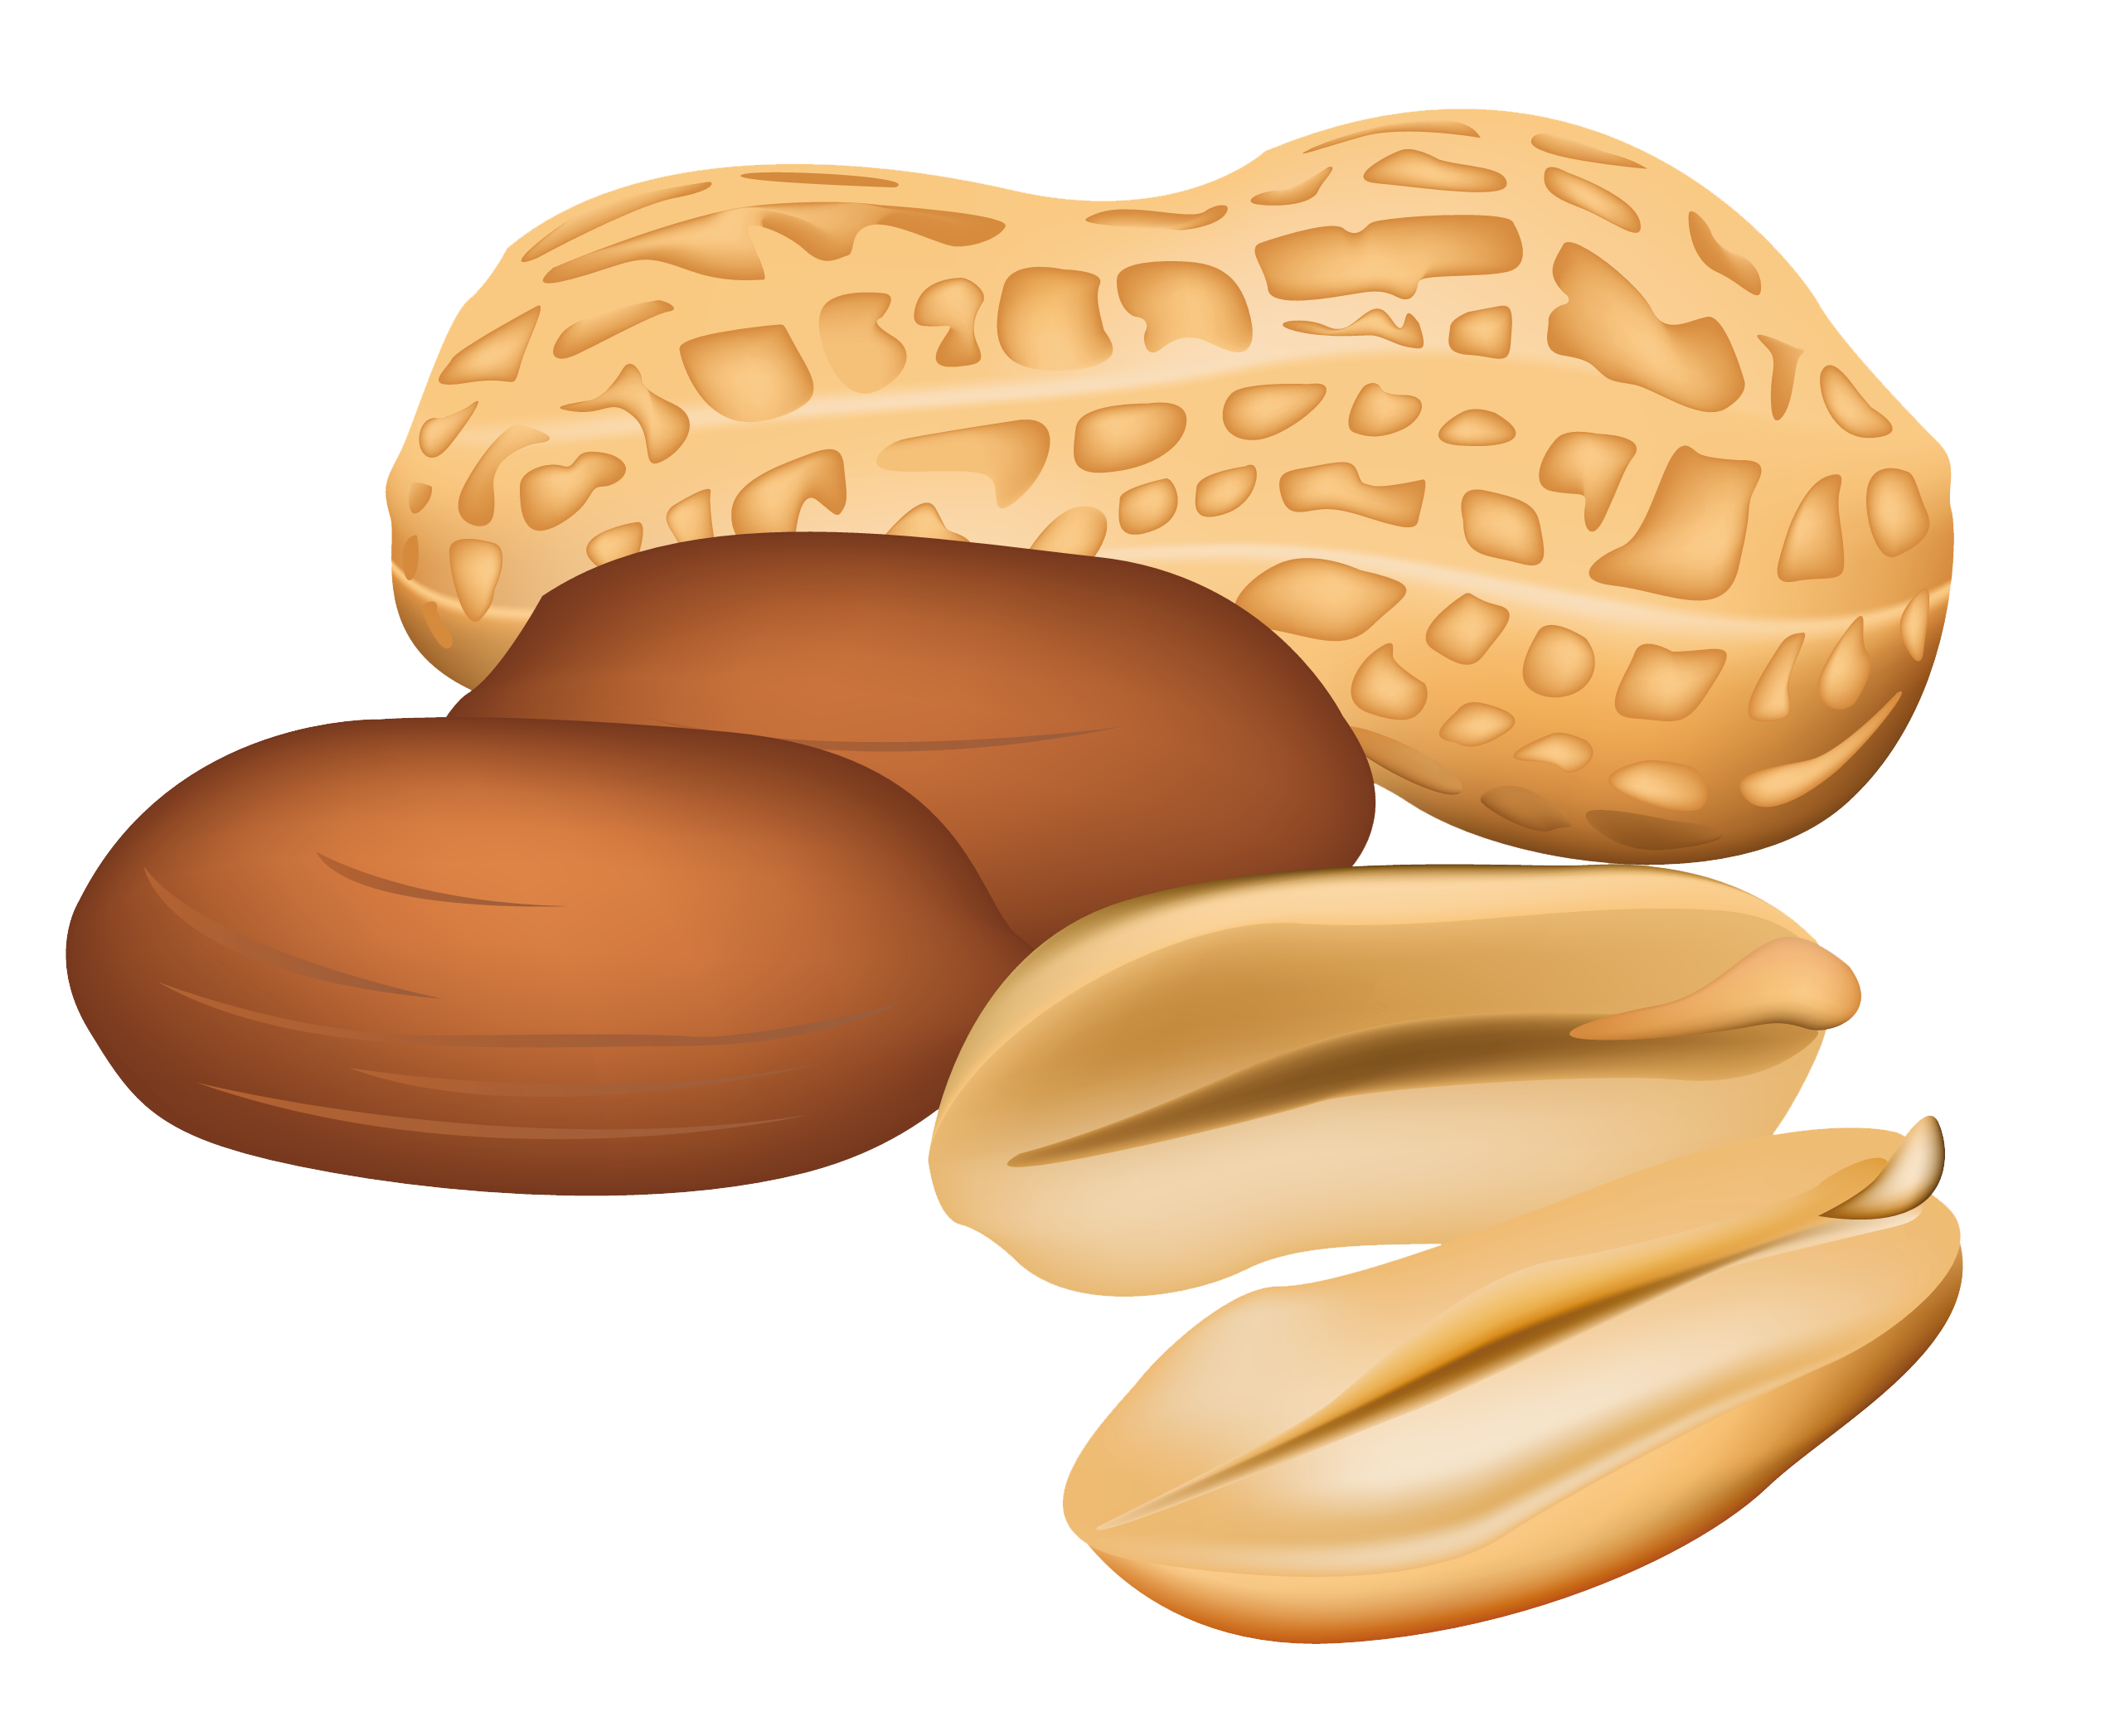 Peanut Clipart Png.